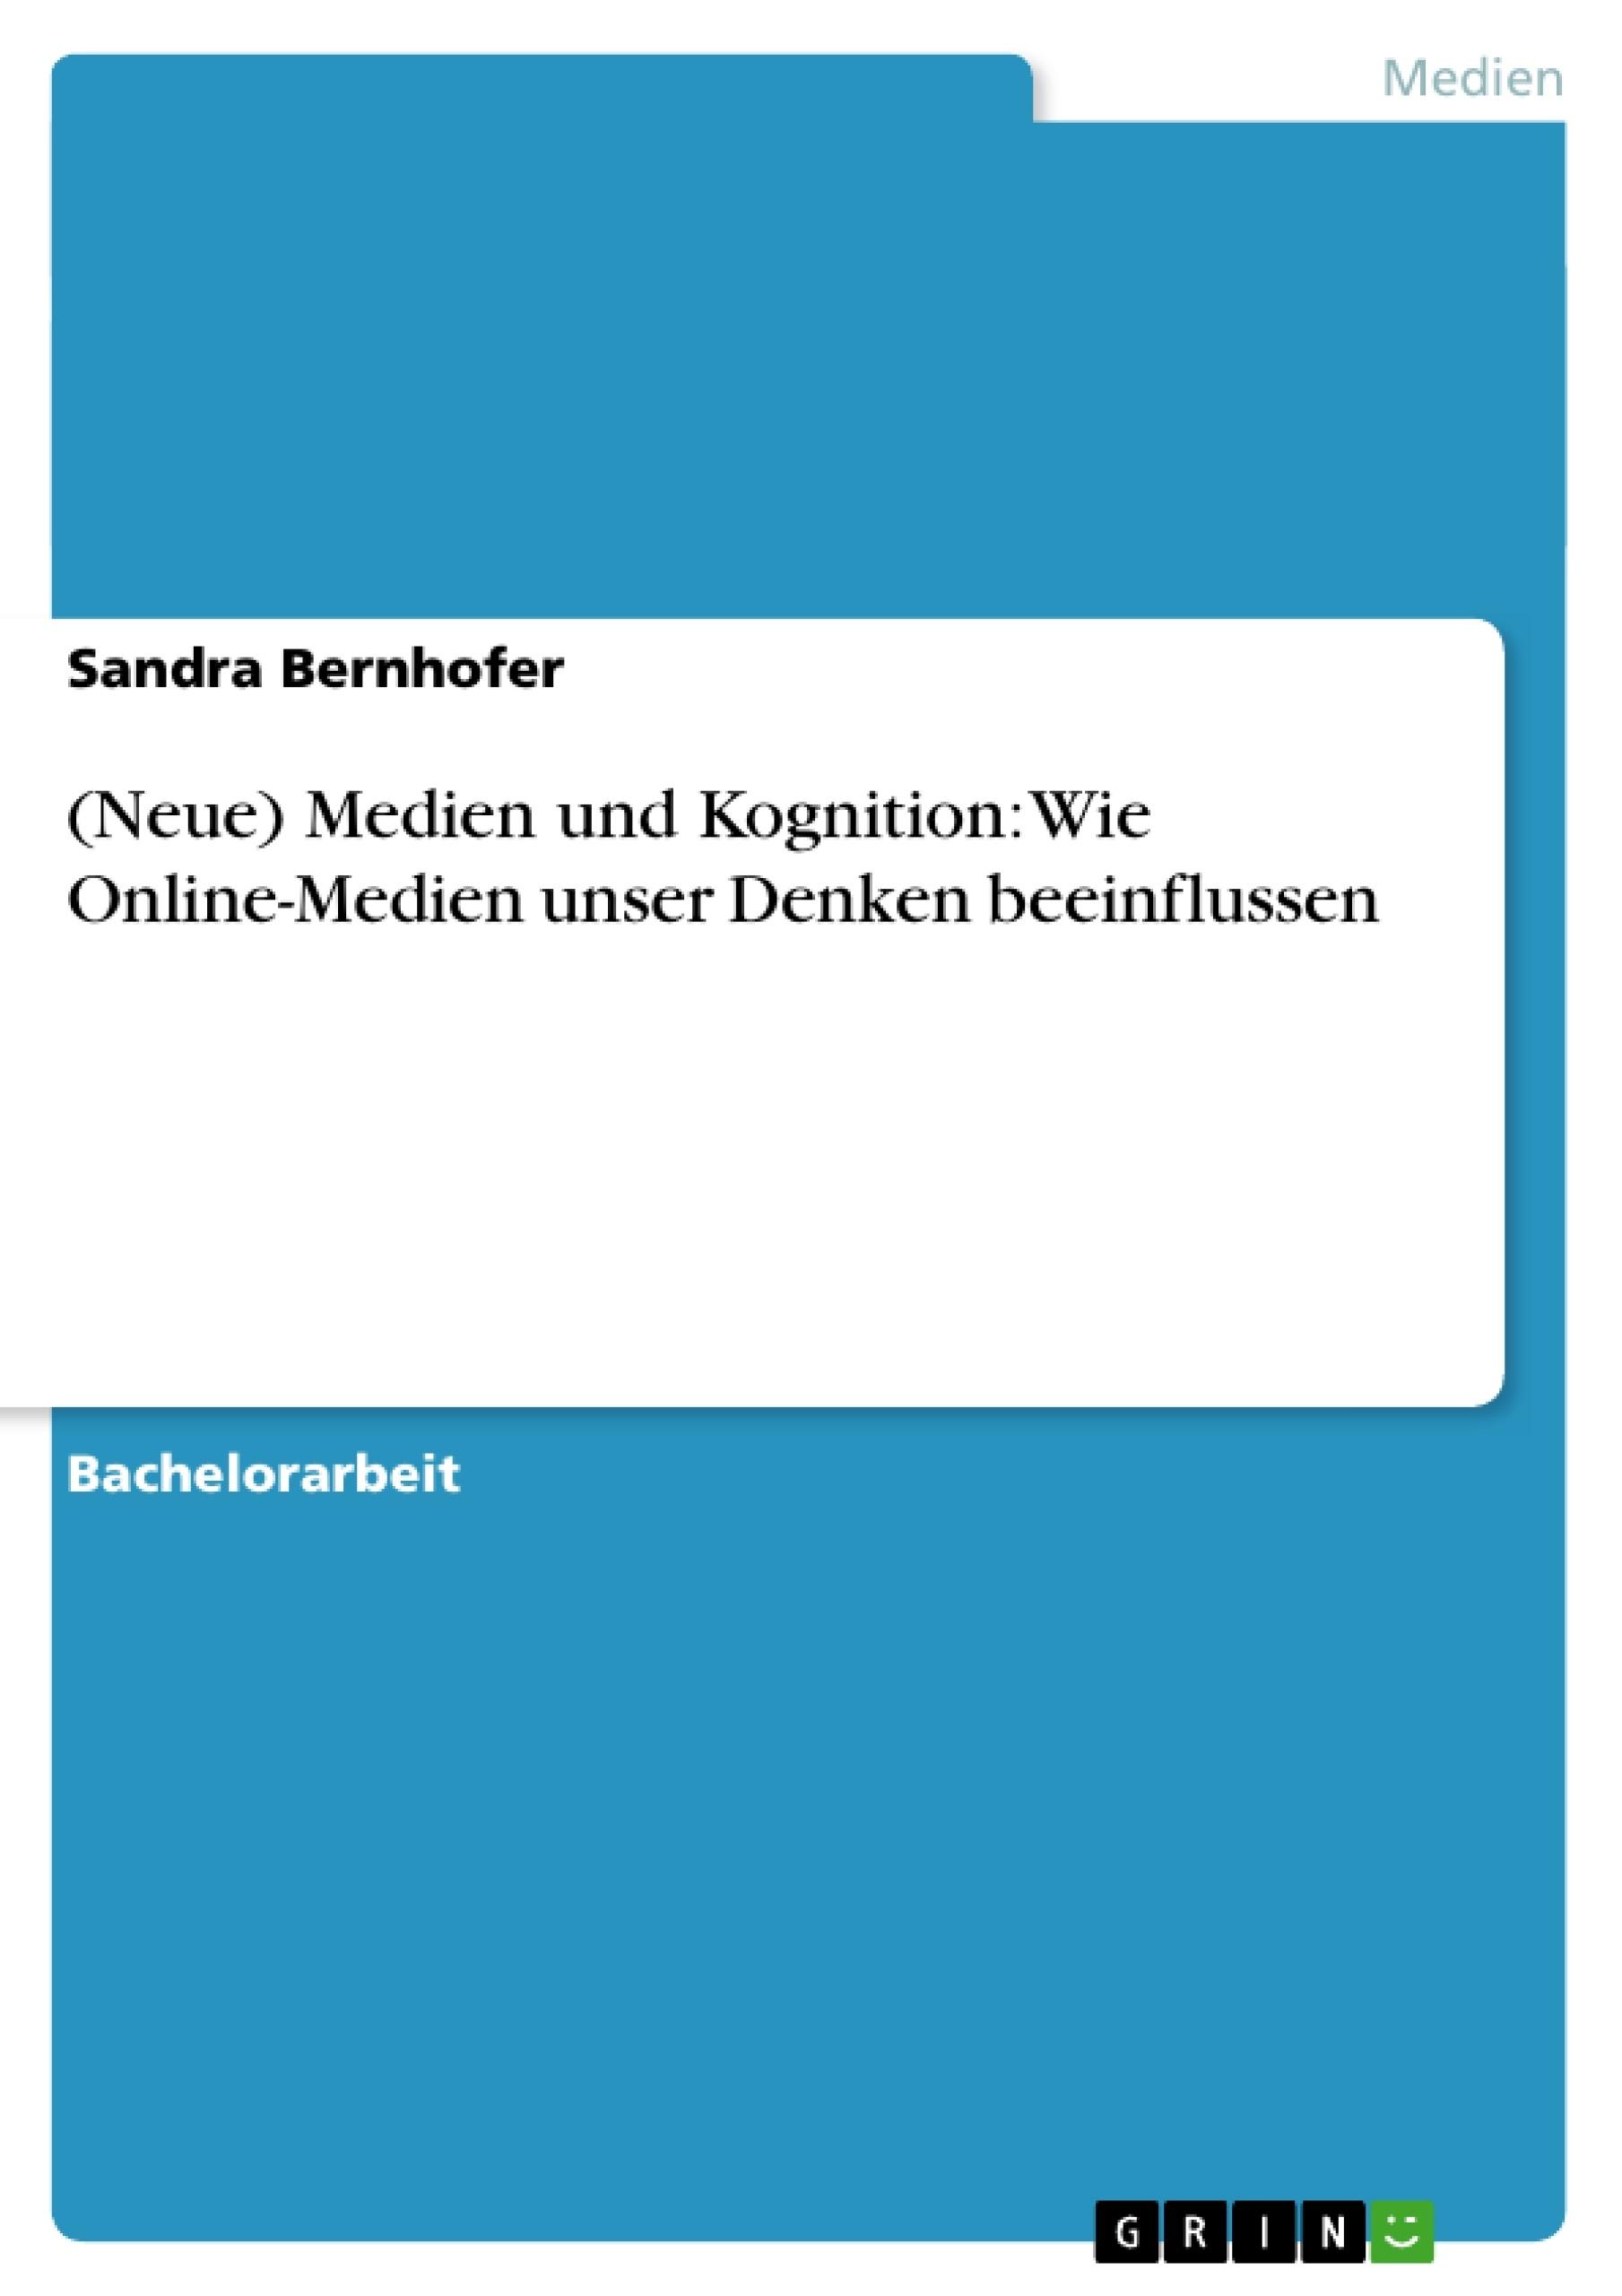 Titel: (Neue) Medien und Kognition: Wie Online-Medien unser Denken beeinflussen